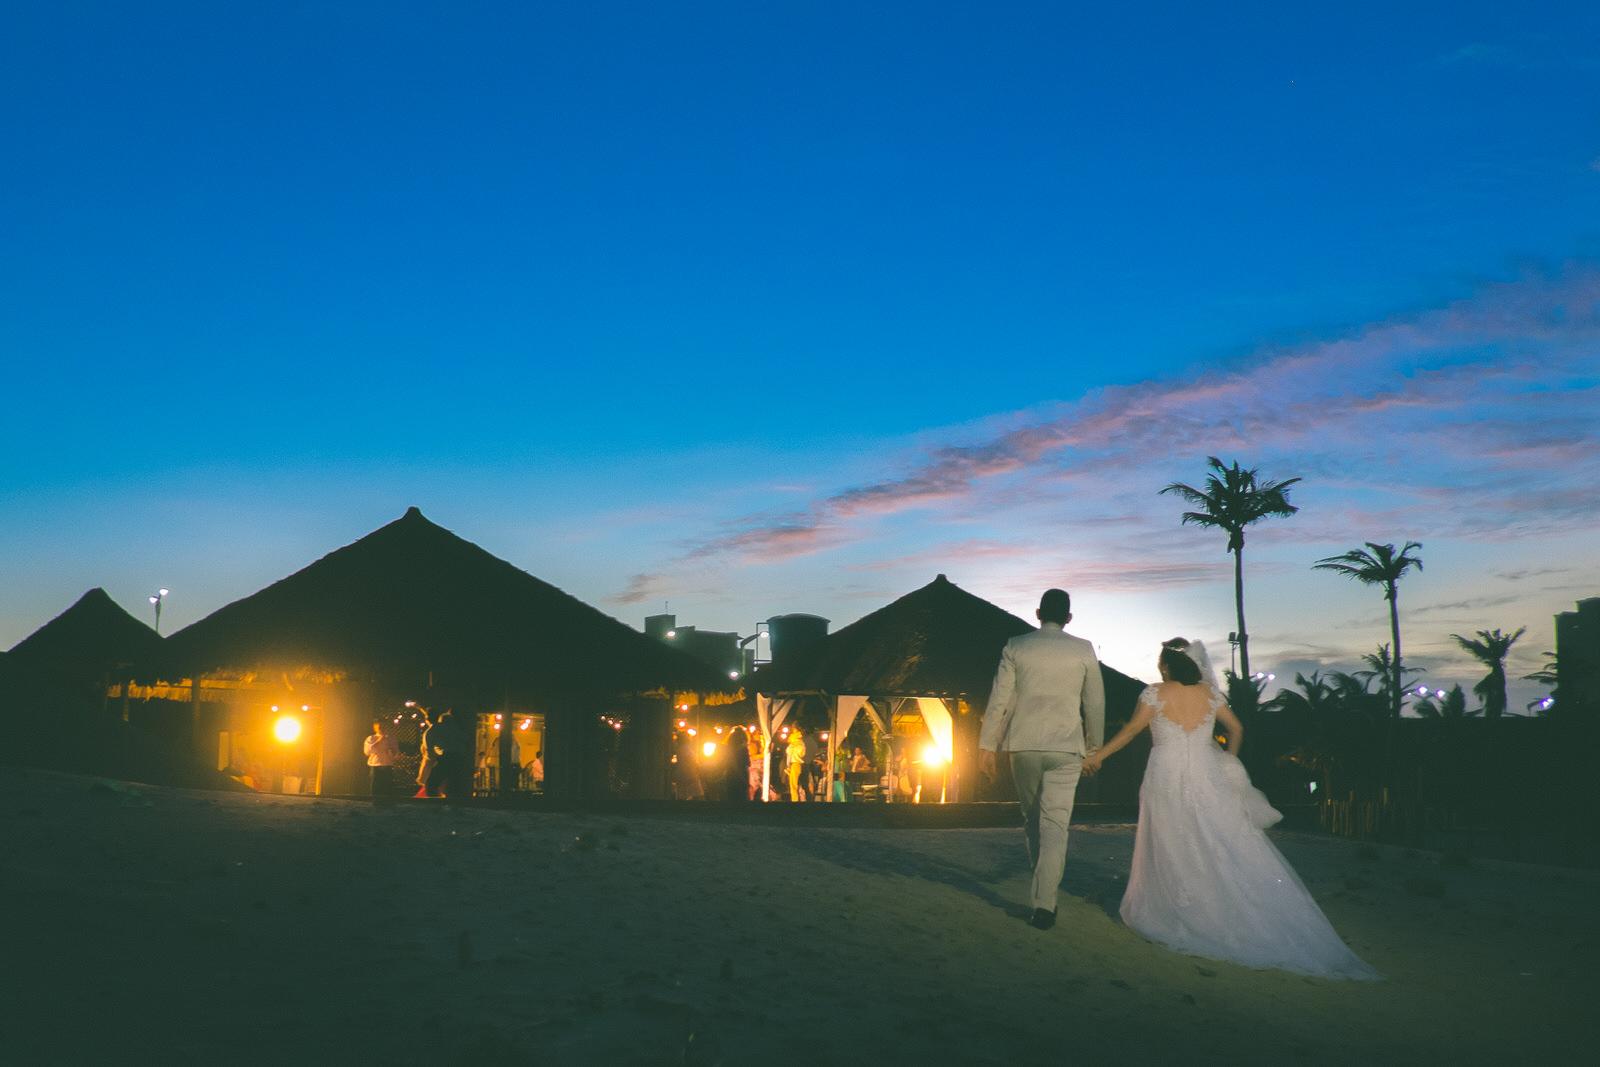 casamento-em-barraca-solarium-praia-do-futuro-12